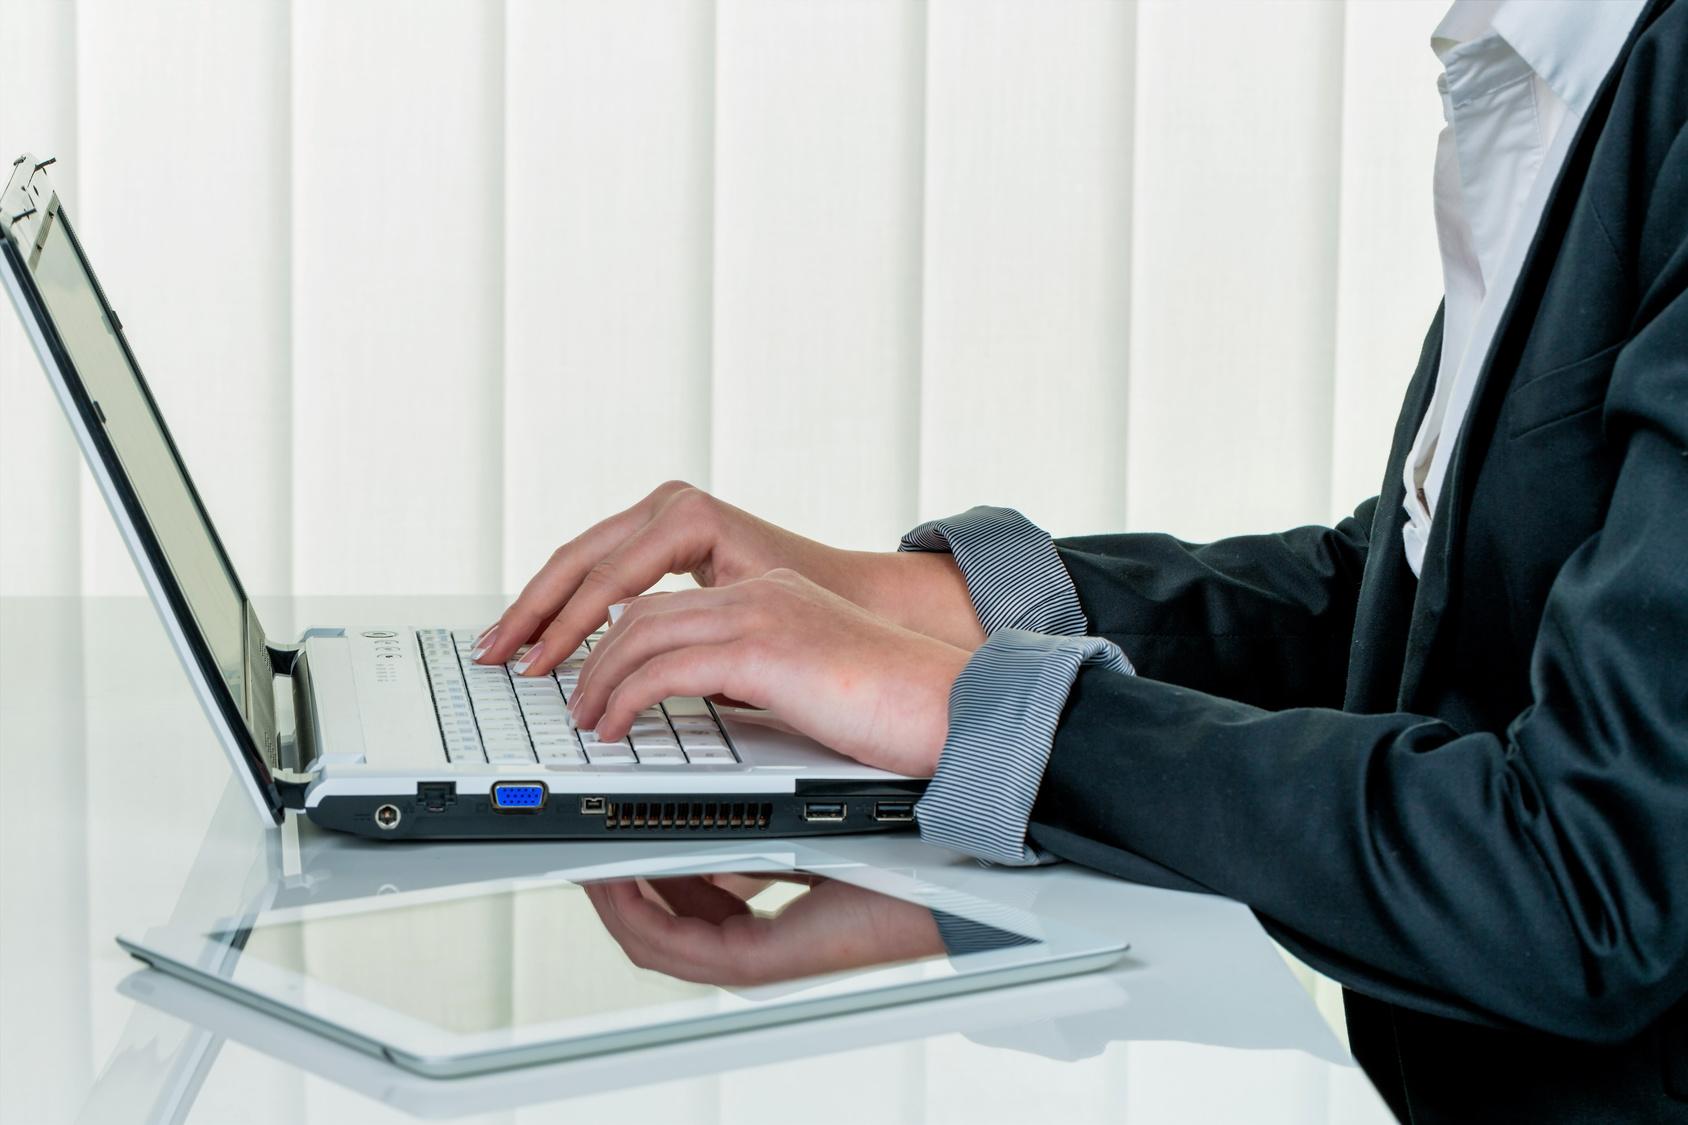 Mitarbeiter der Zentralregulierung des K3 Online Möbelverbandes